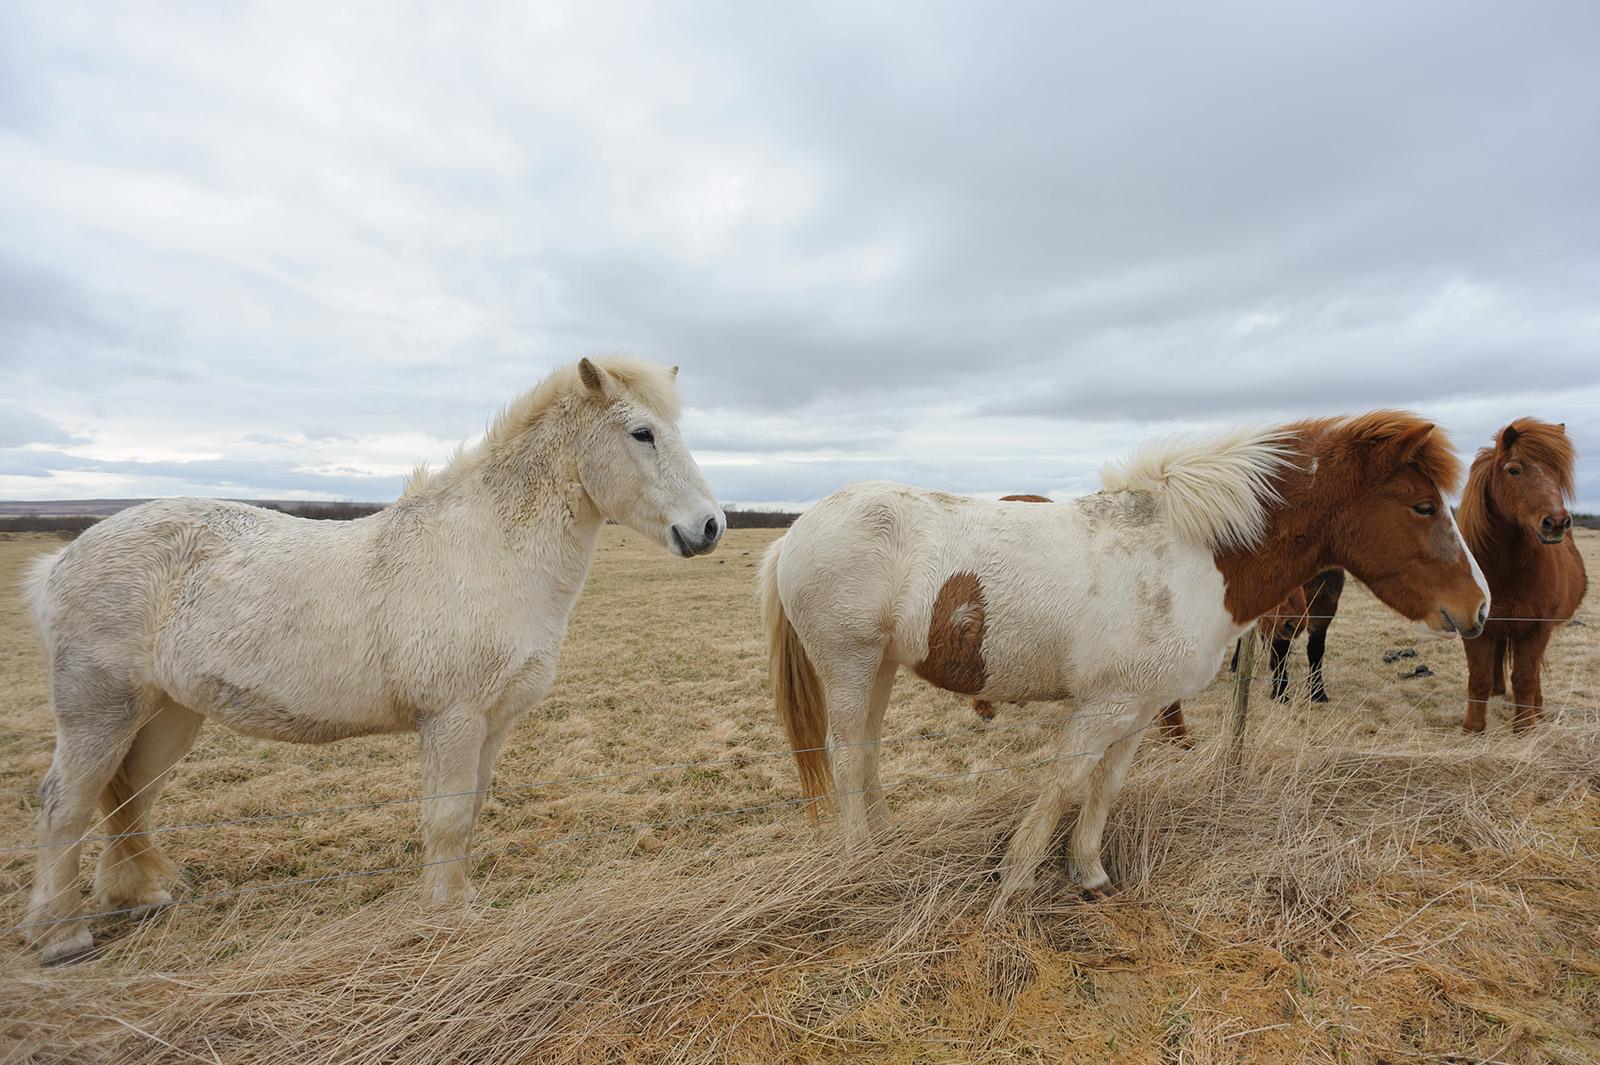 Íslenski hesturinn - Исландская лошадь, покинувшая пределы страны, назад уже попасть не сможет.